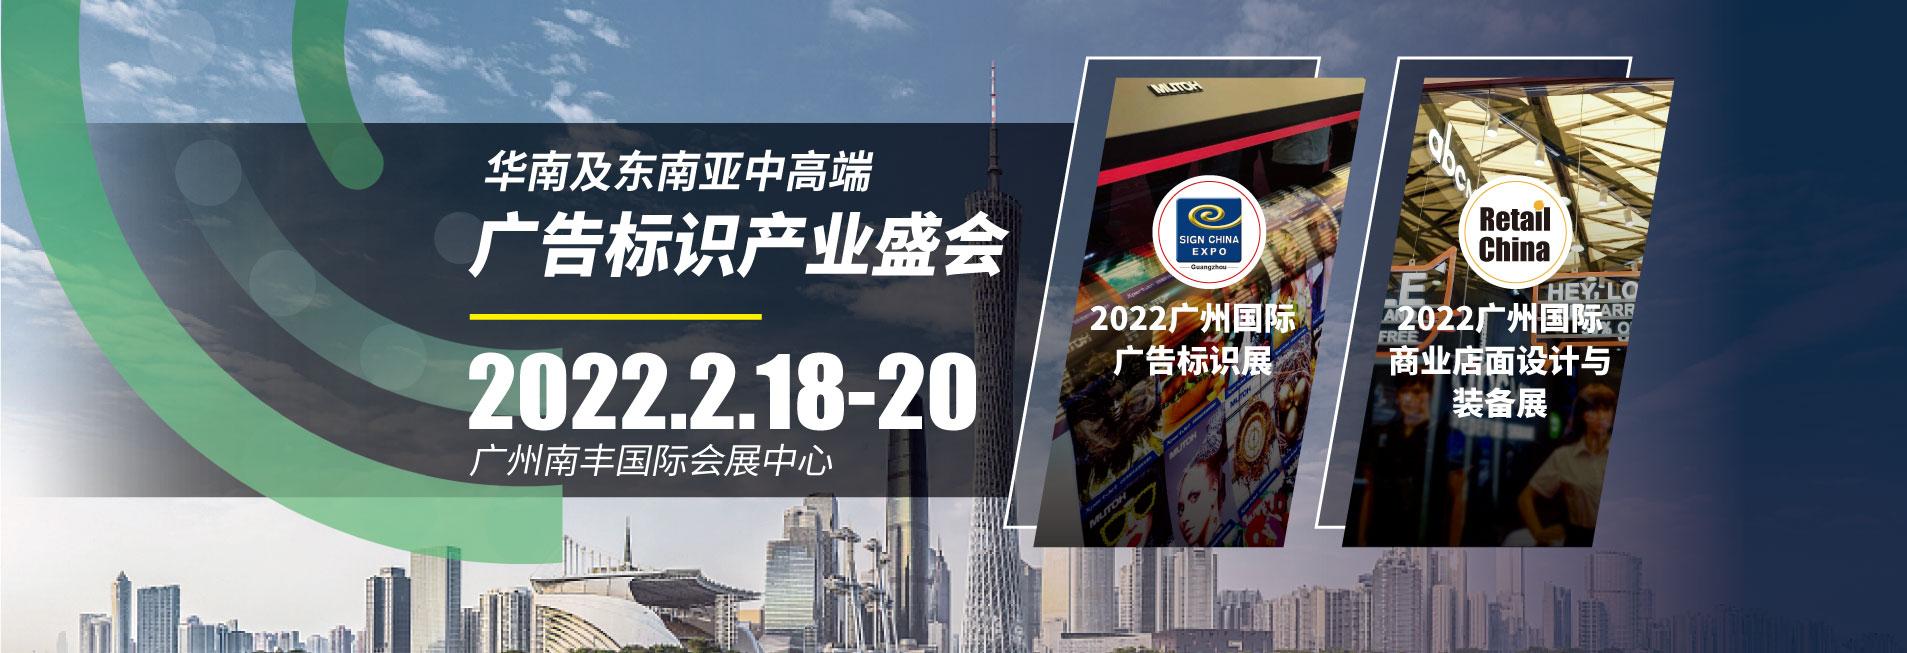 广州展banner